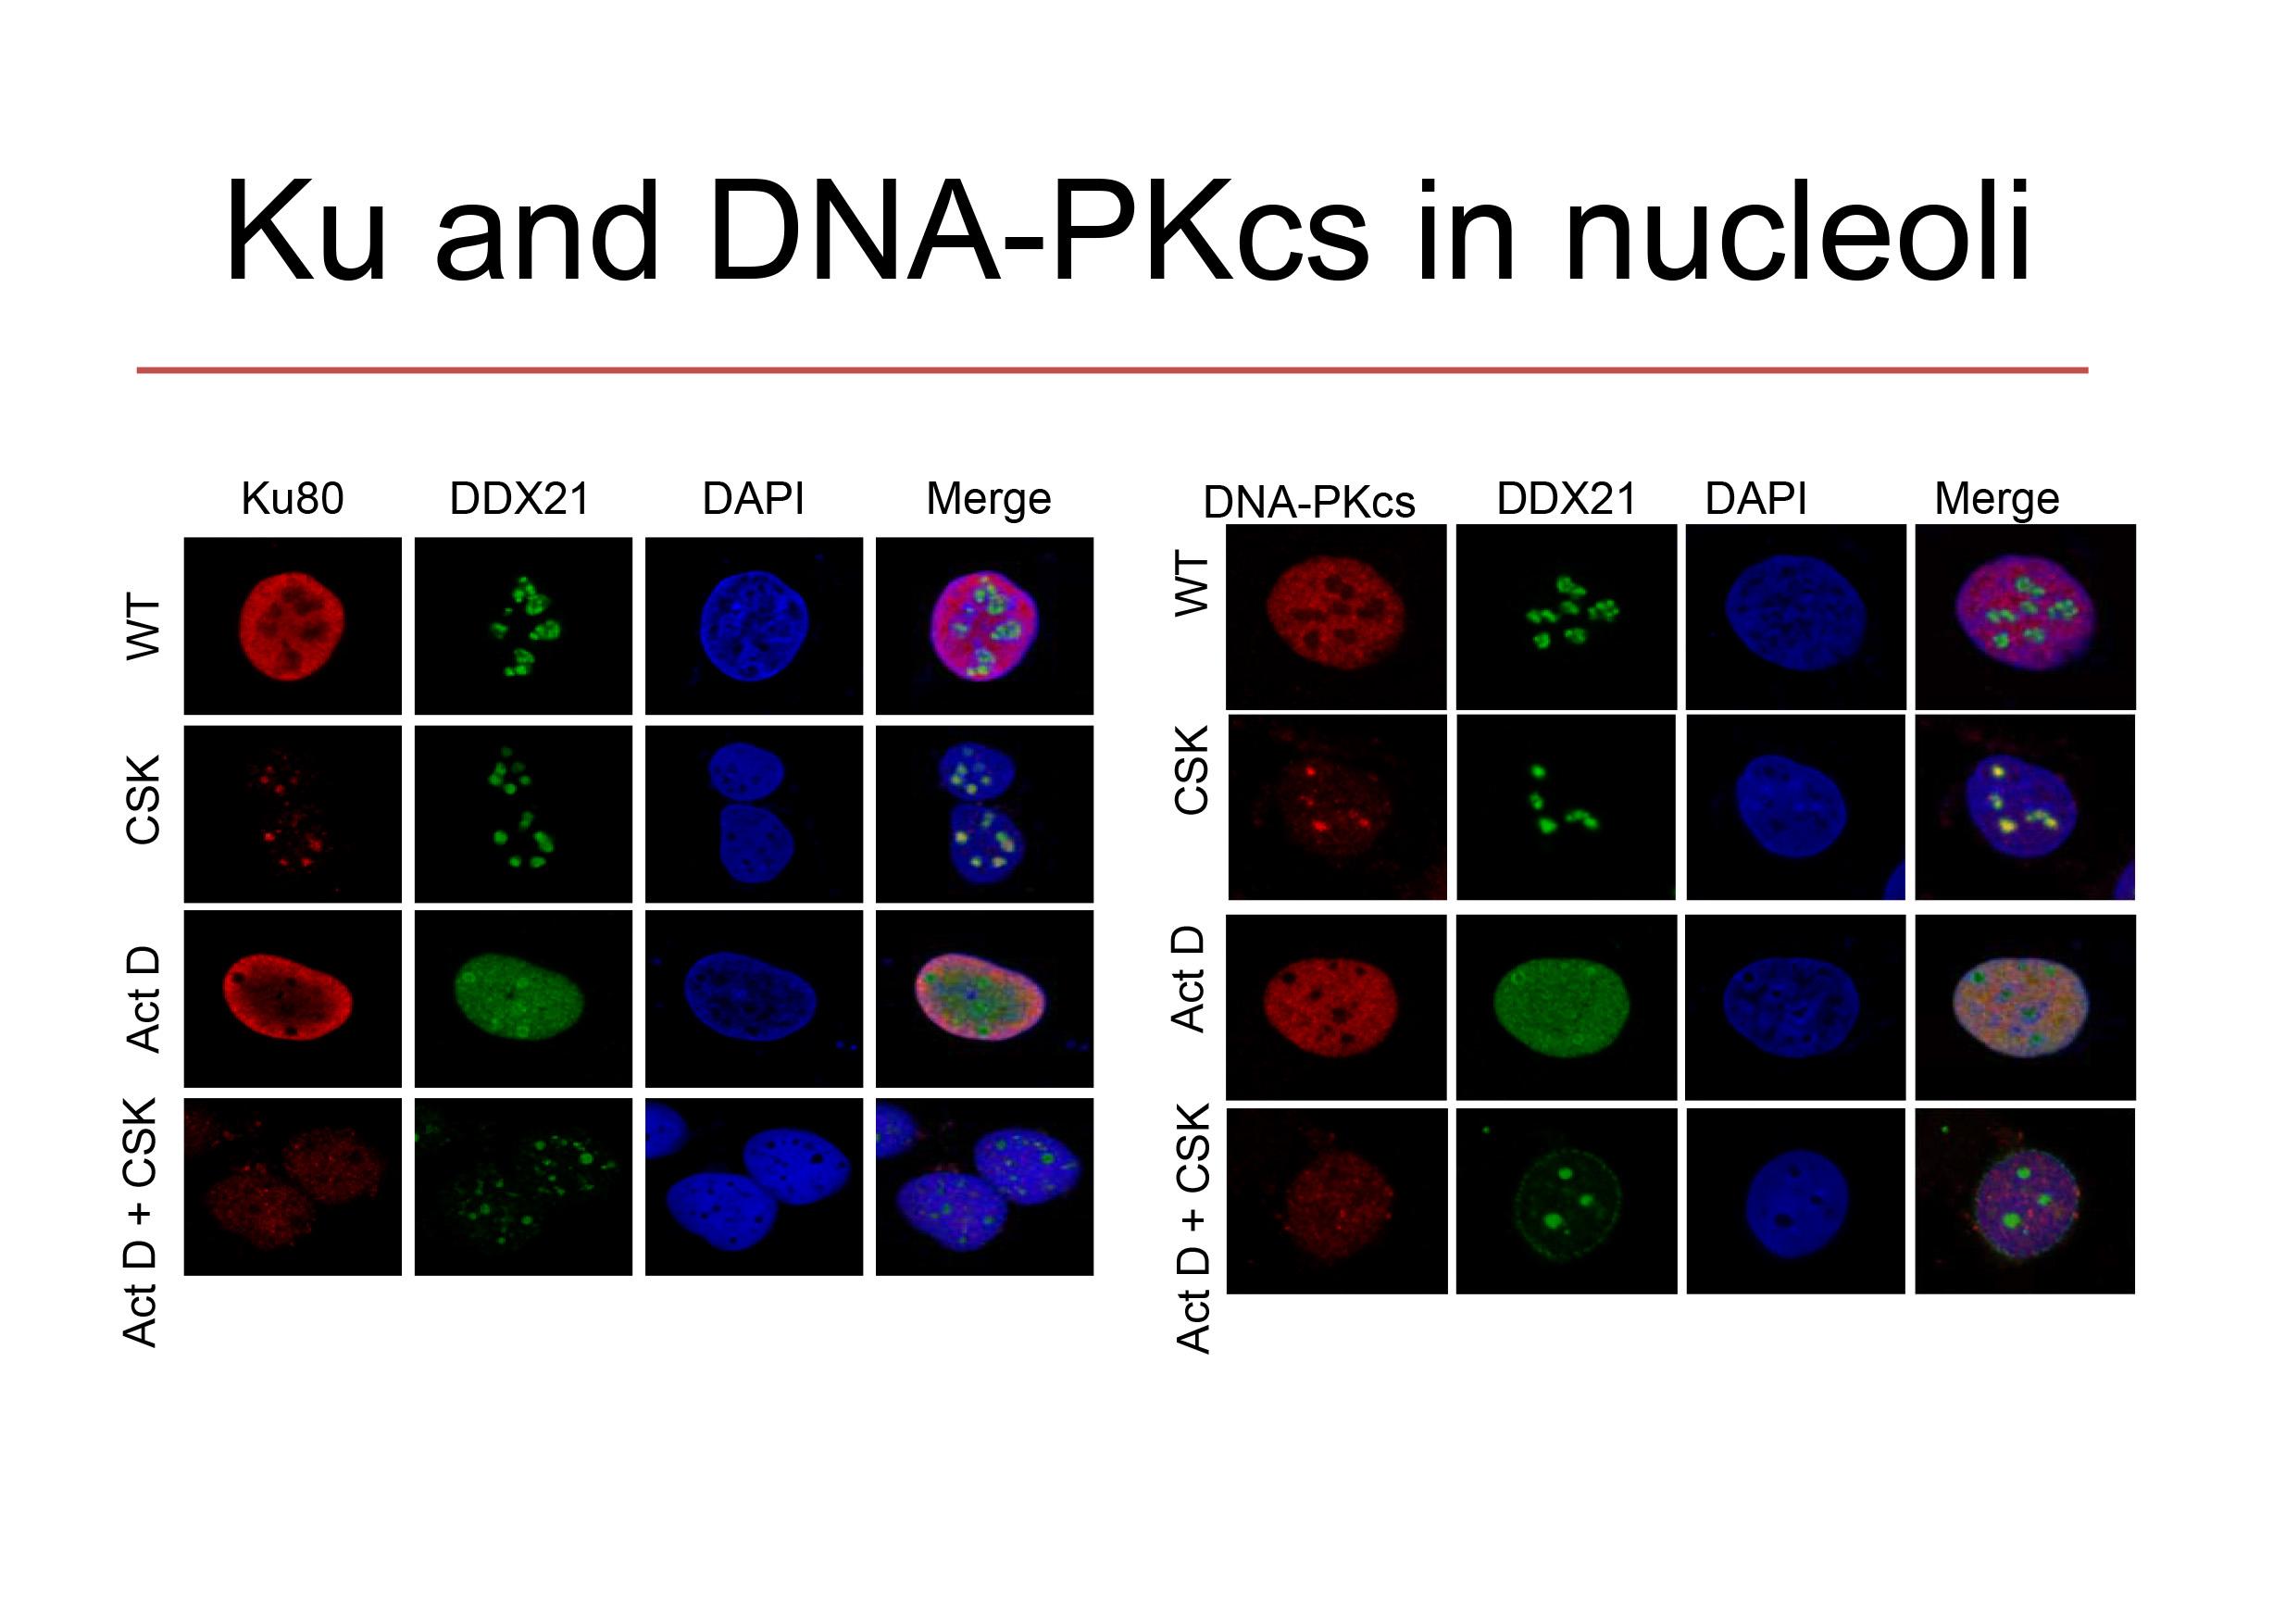 KU-PK in nucleoli